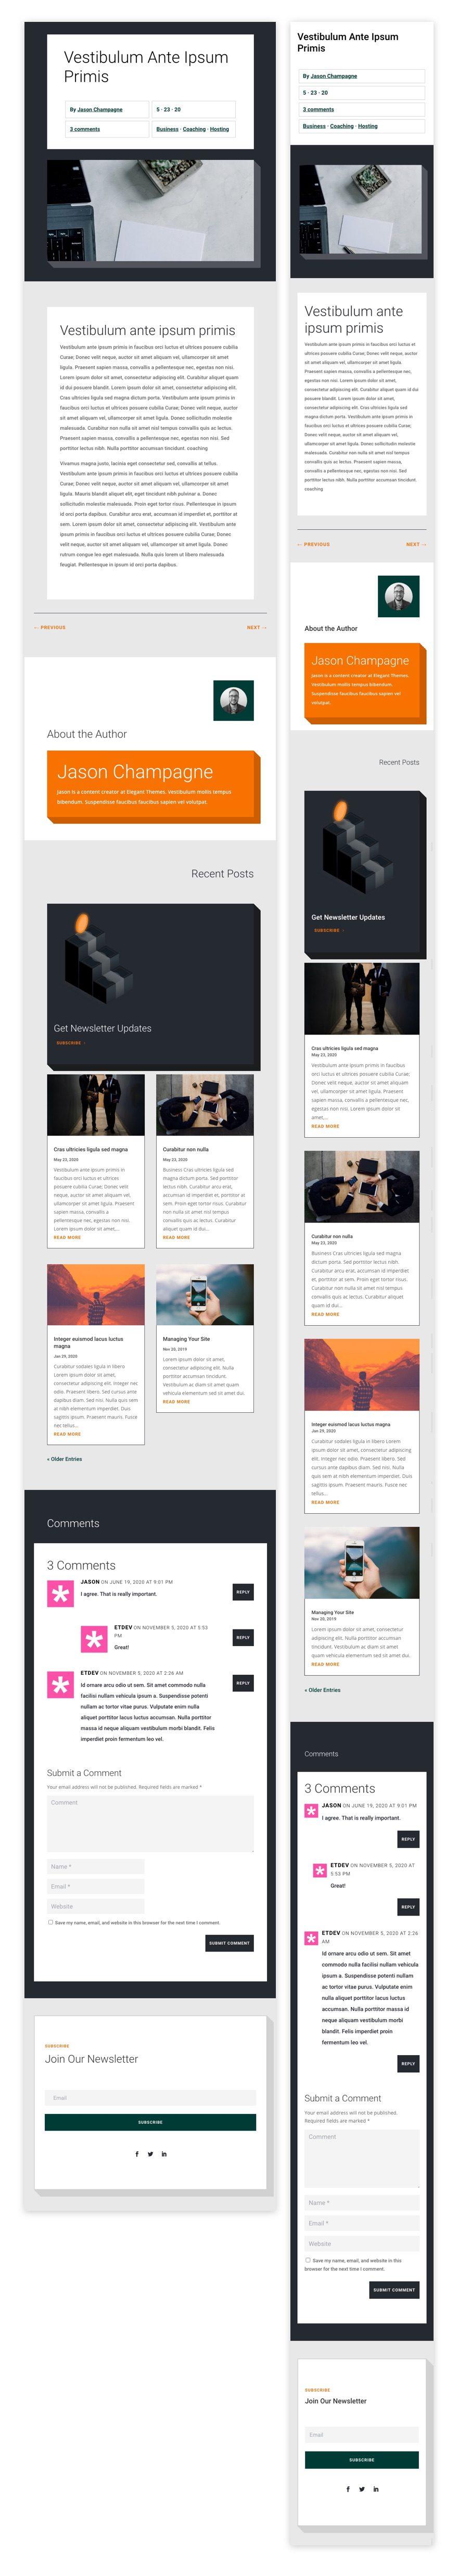 divi personal loan blog post template